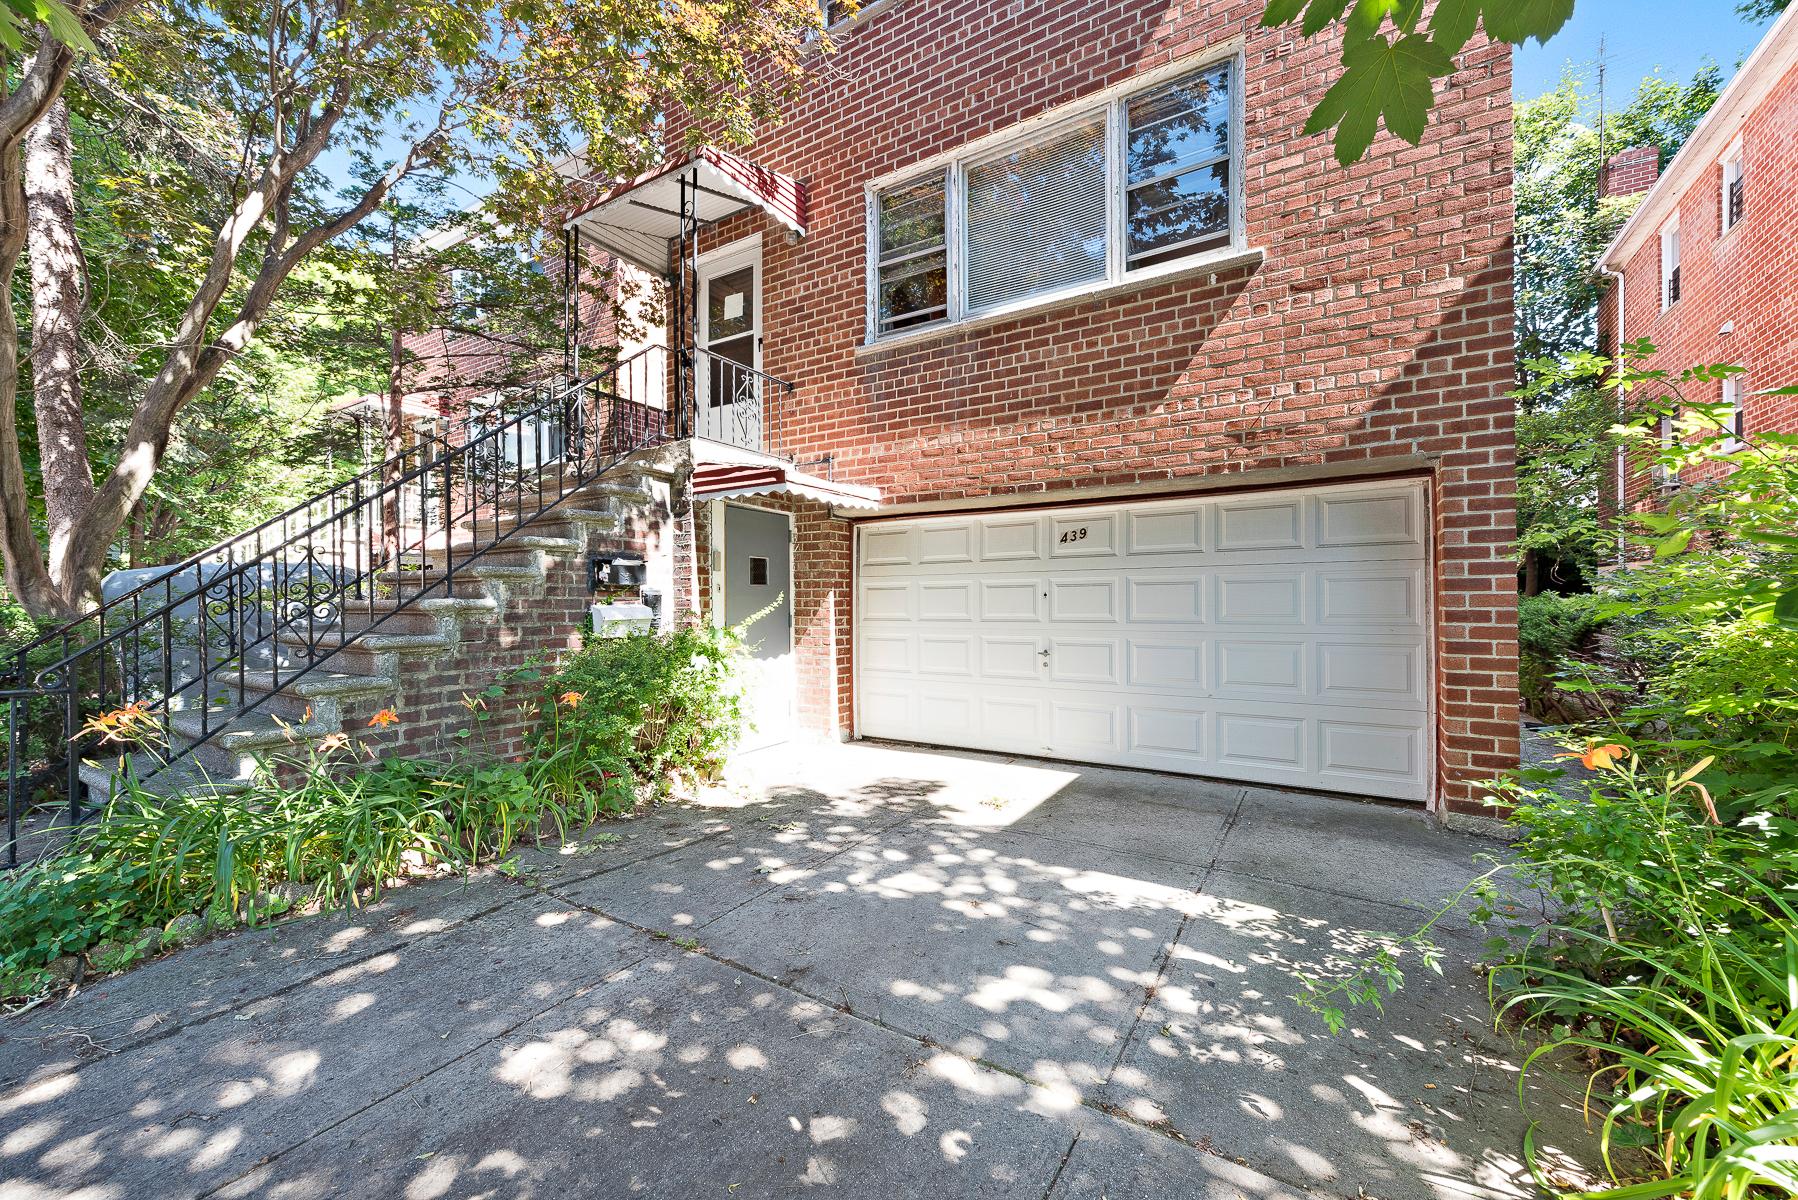 다가구 주택 용 매매 에 LARGE 2-FAMILY BRICK HOUSE 439 West 263 Street Riverdale, 뉴욕, 10471 미국